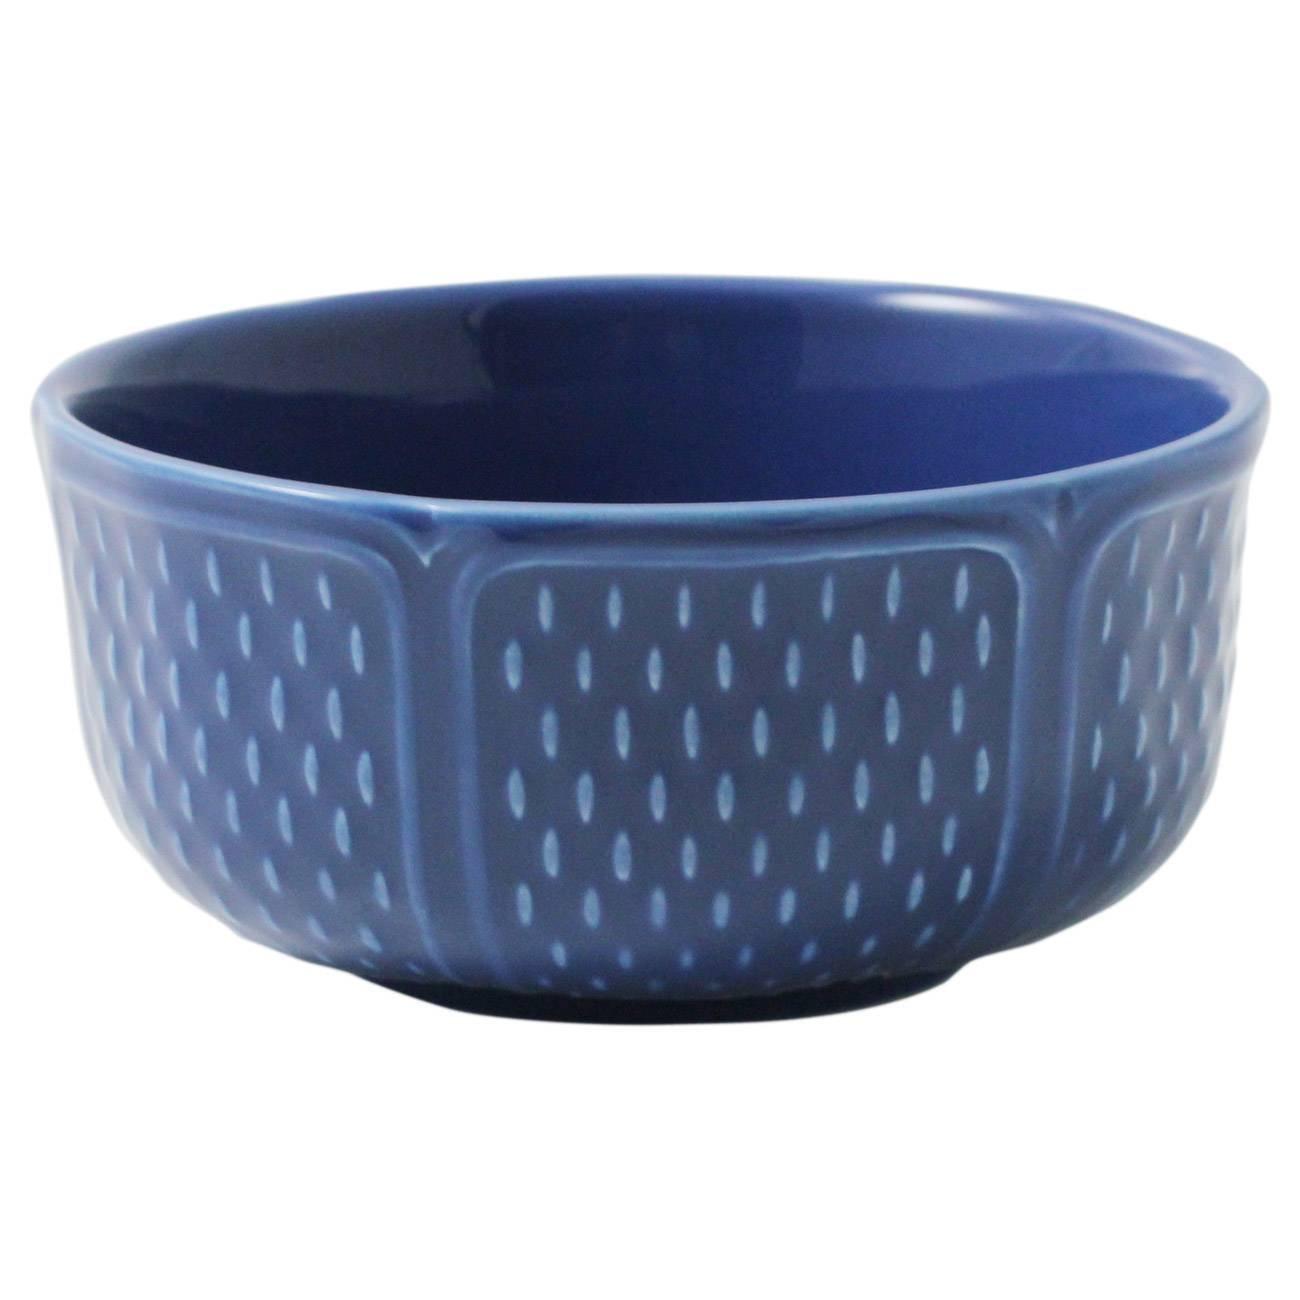 Gien Pont Aux Choux Bleu Cereal Bowl, Set of 4